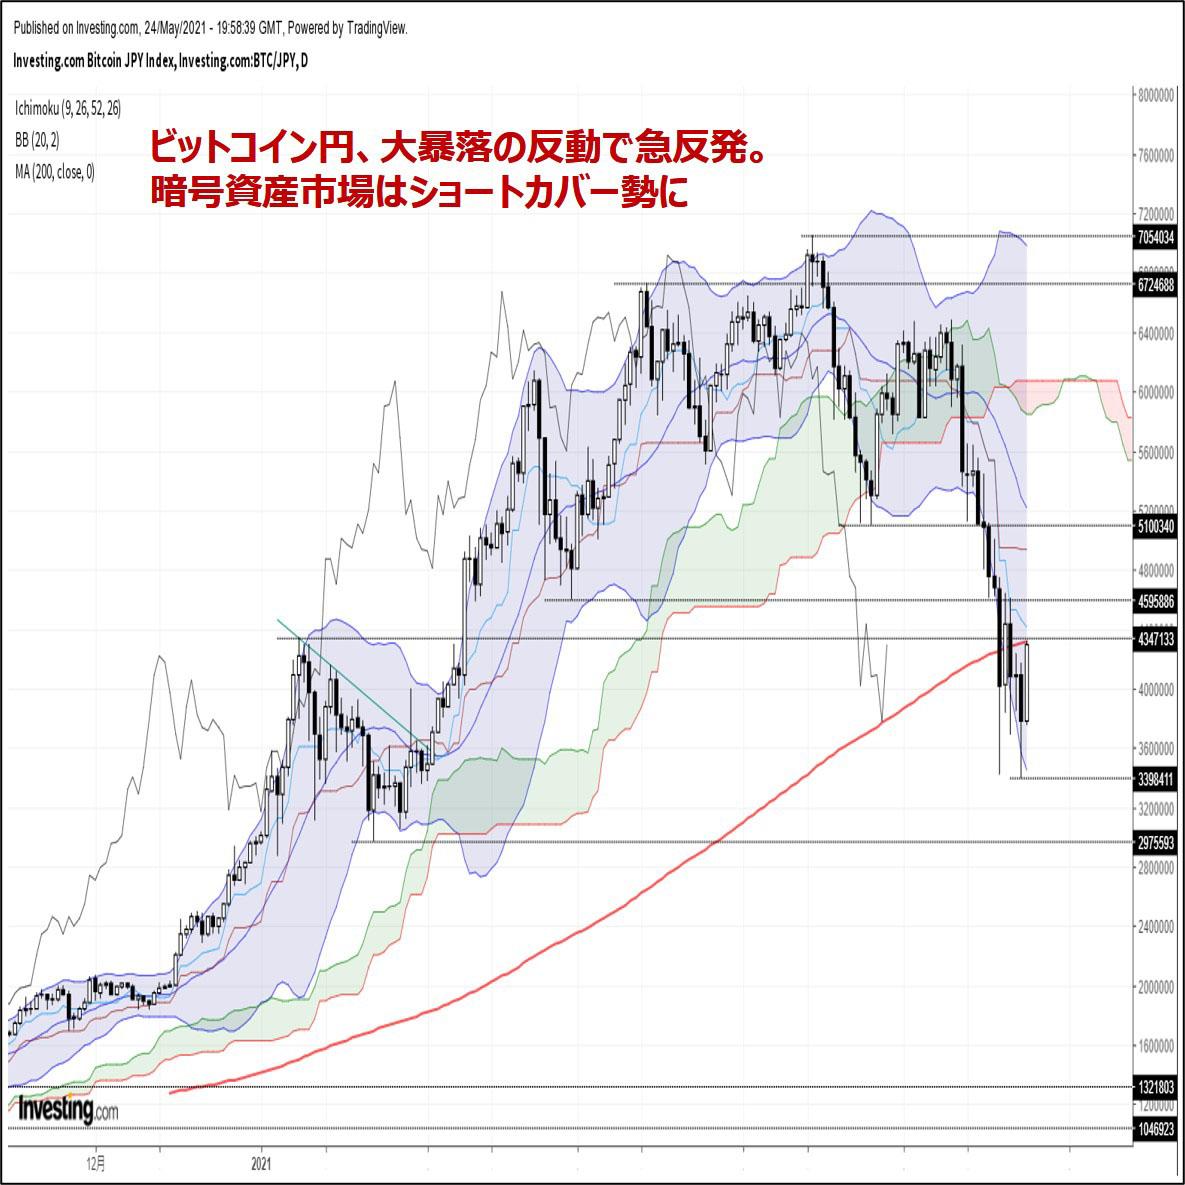 ビットコイン円、大暴落の反動で急反発。暗号資産市場はショートカバー勢に(5/25朝)